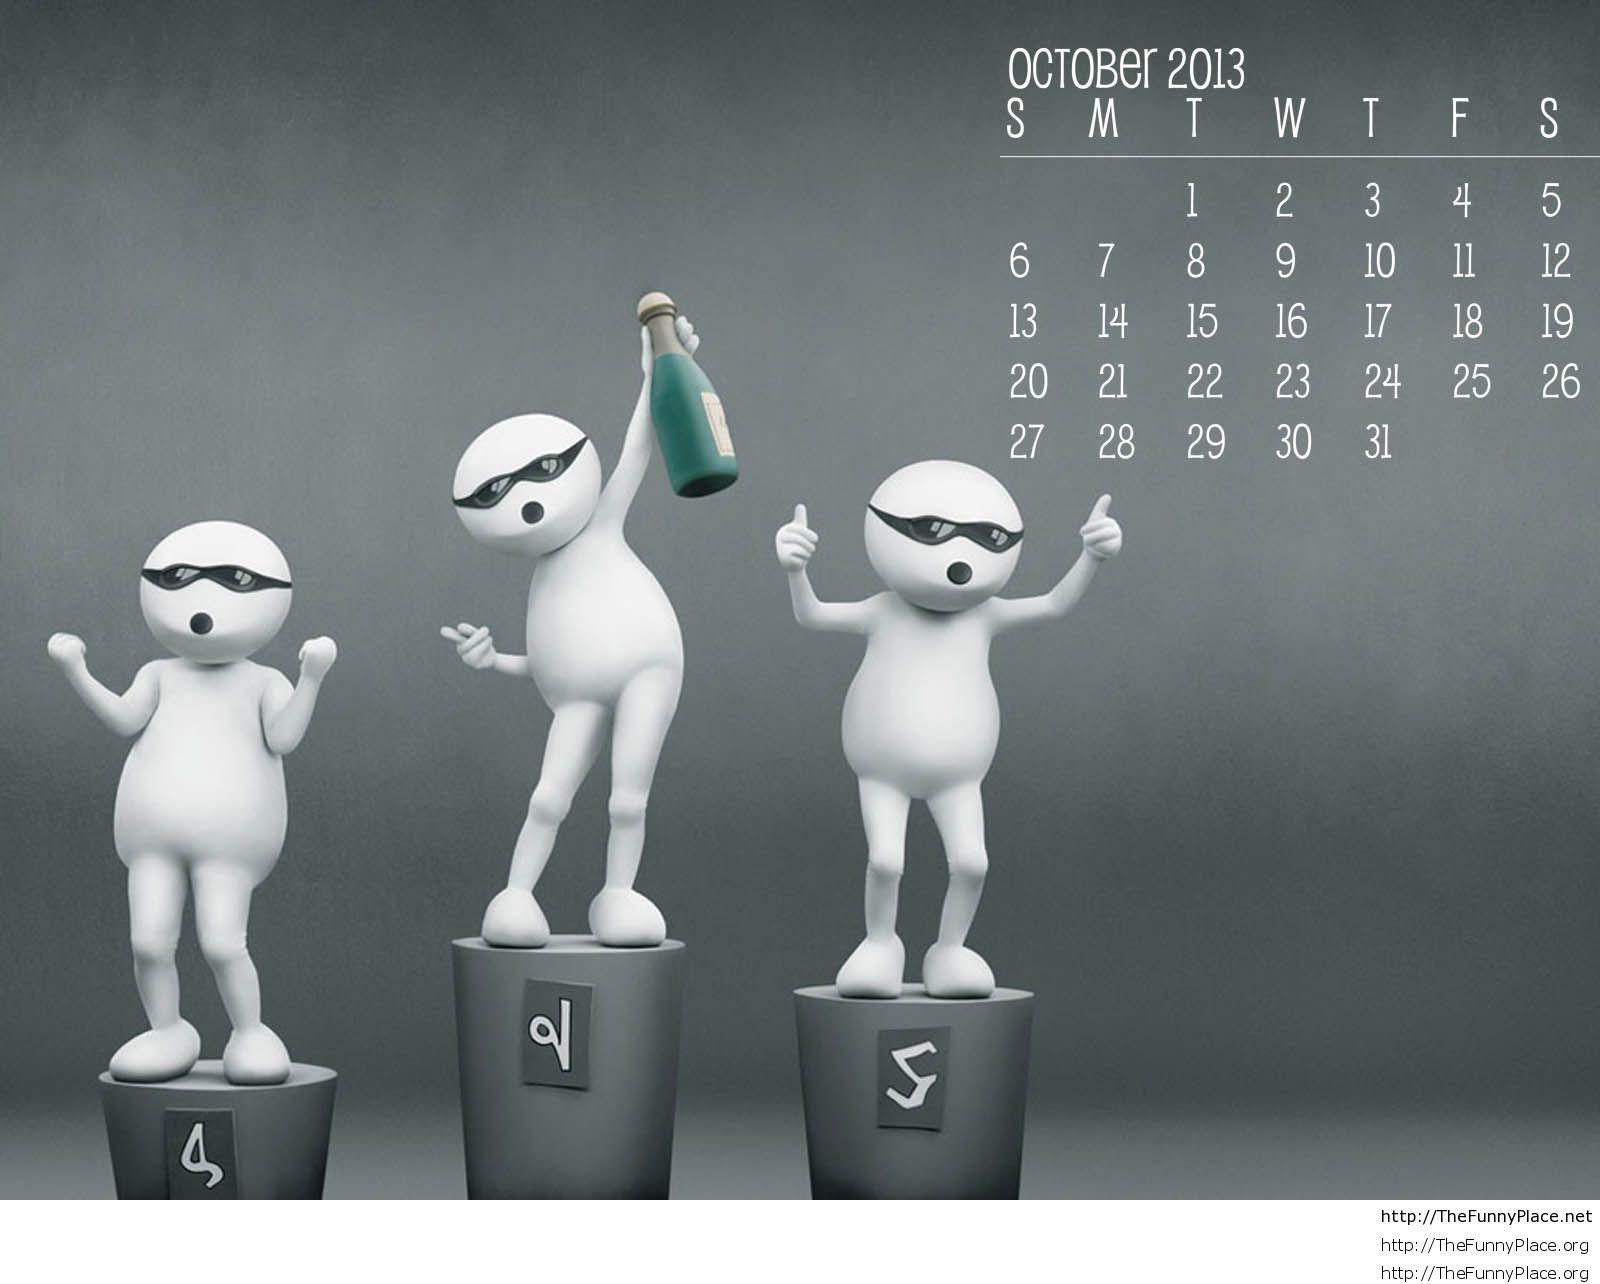 October-2013-Calendar-Wallpaper-Canada